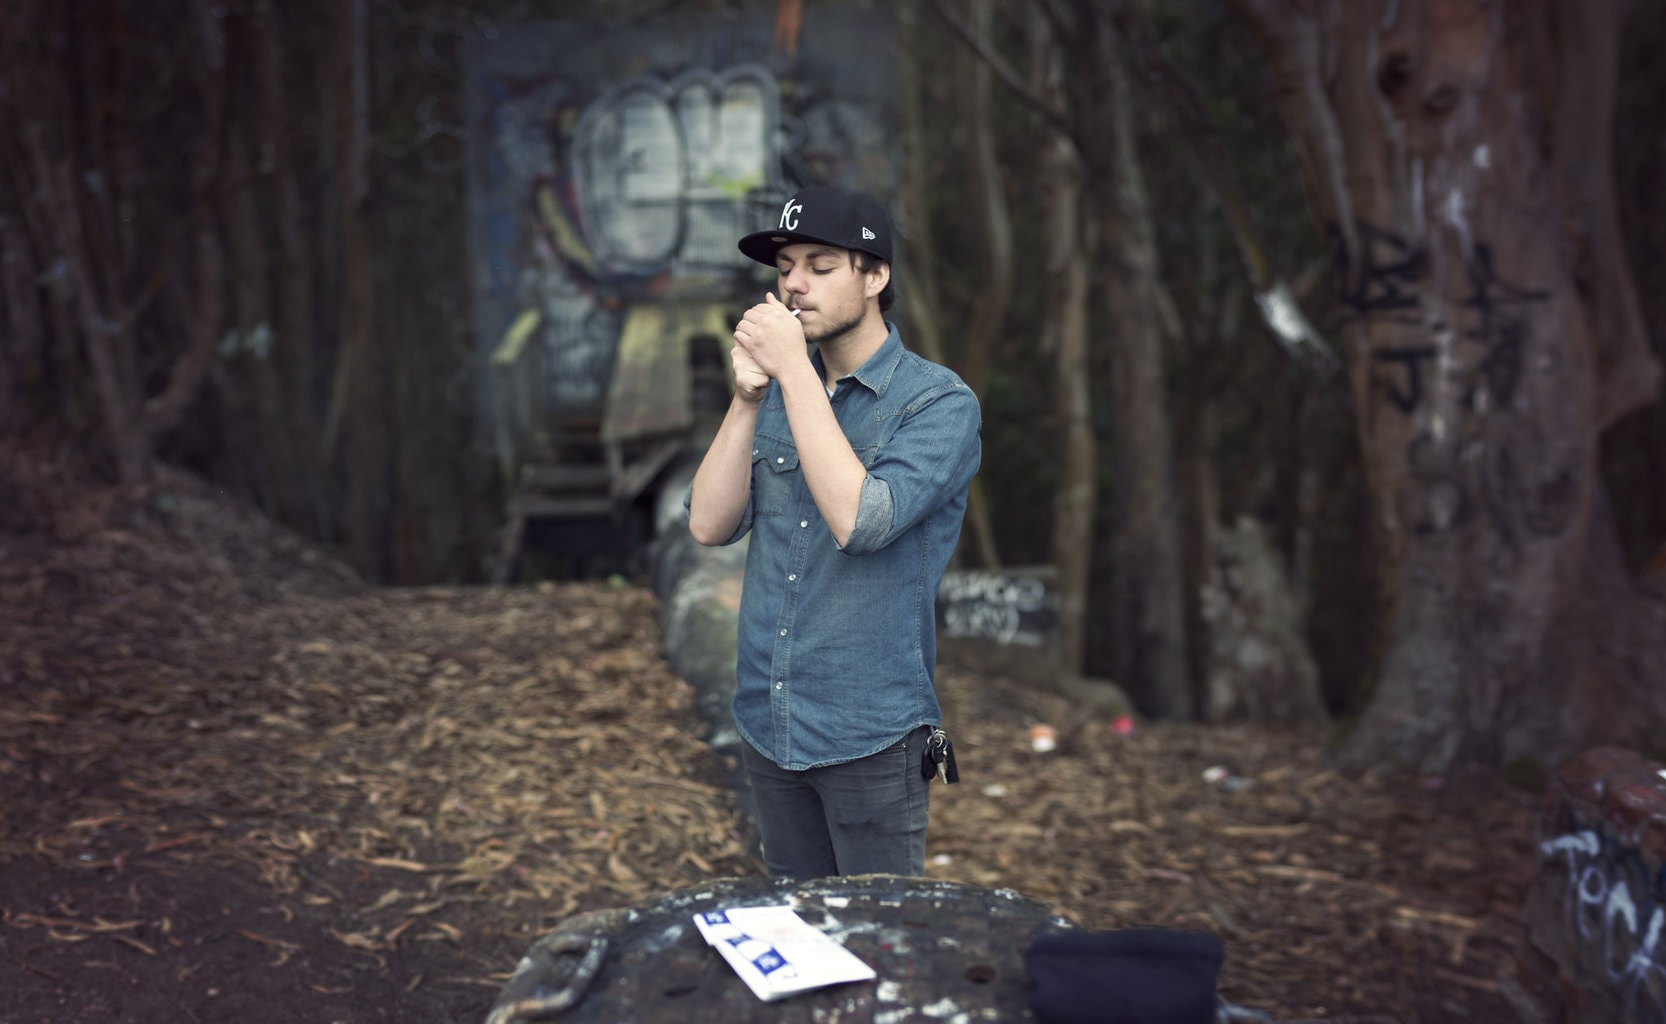 Joven fumando en el bosque fotografiado con el método Brenizer